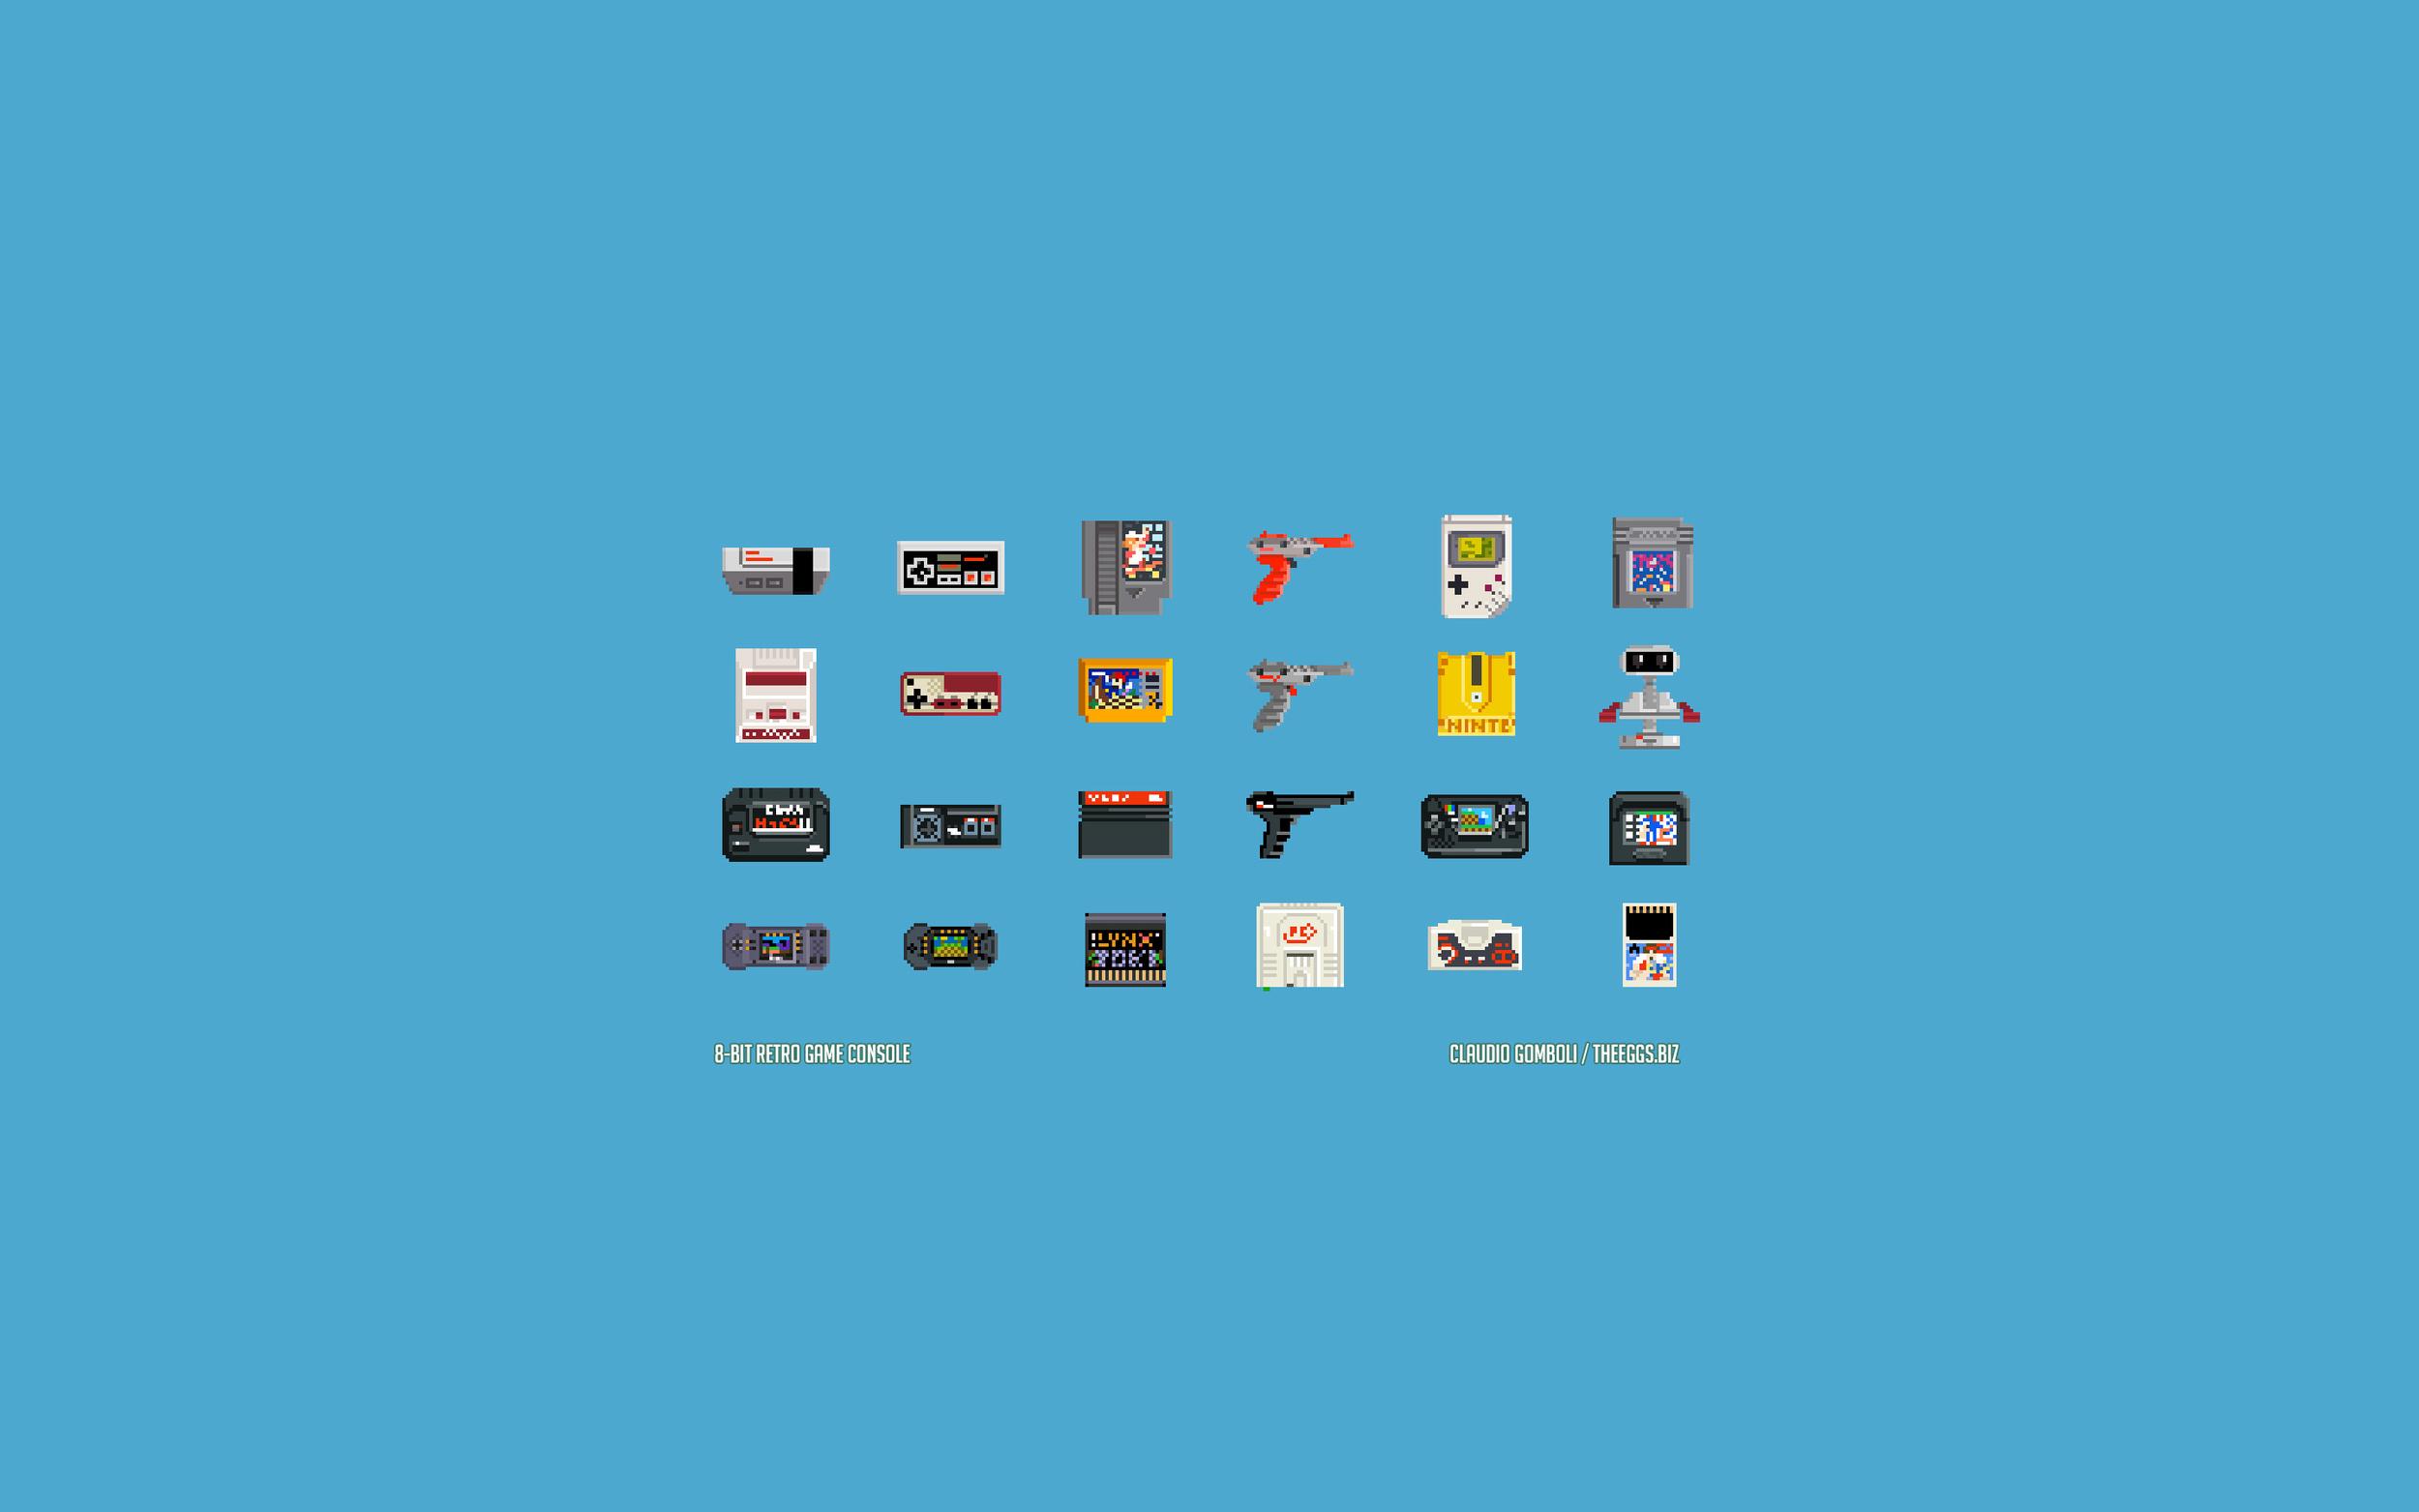 8-Bit Devices